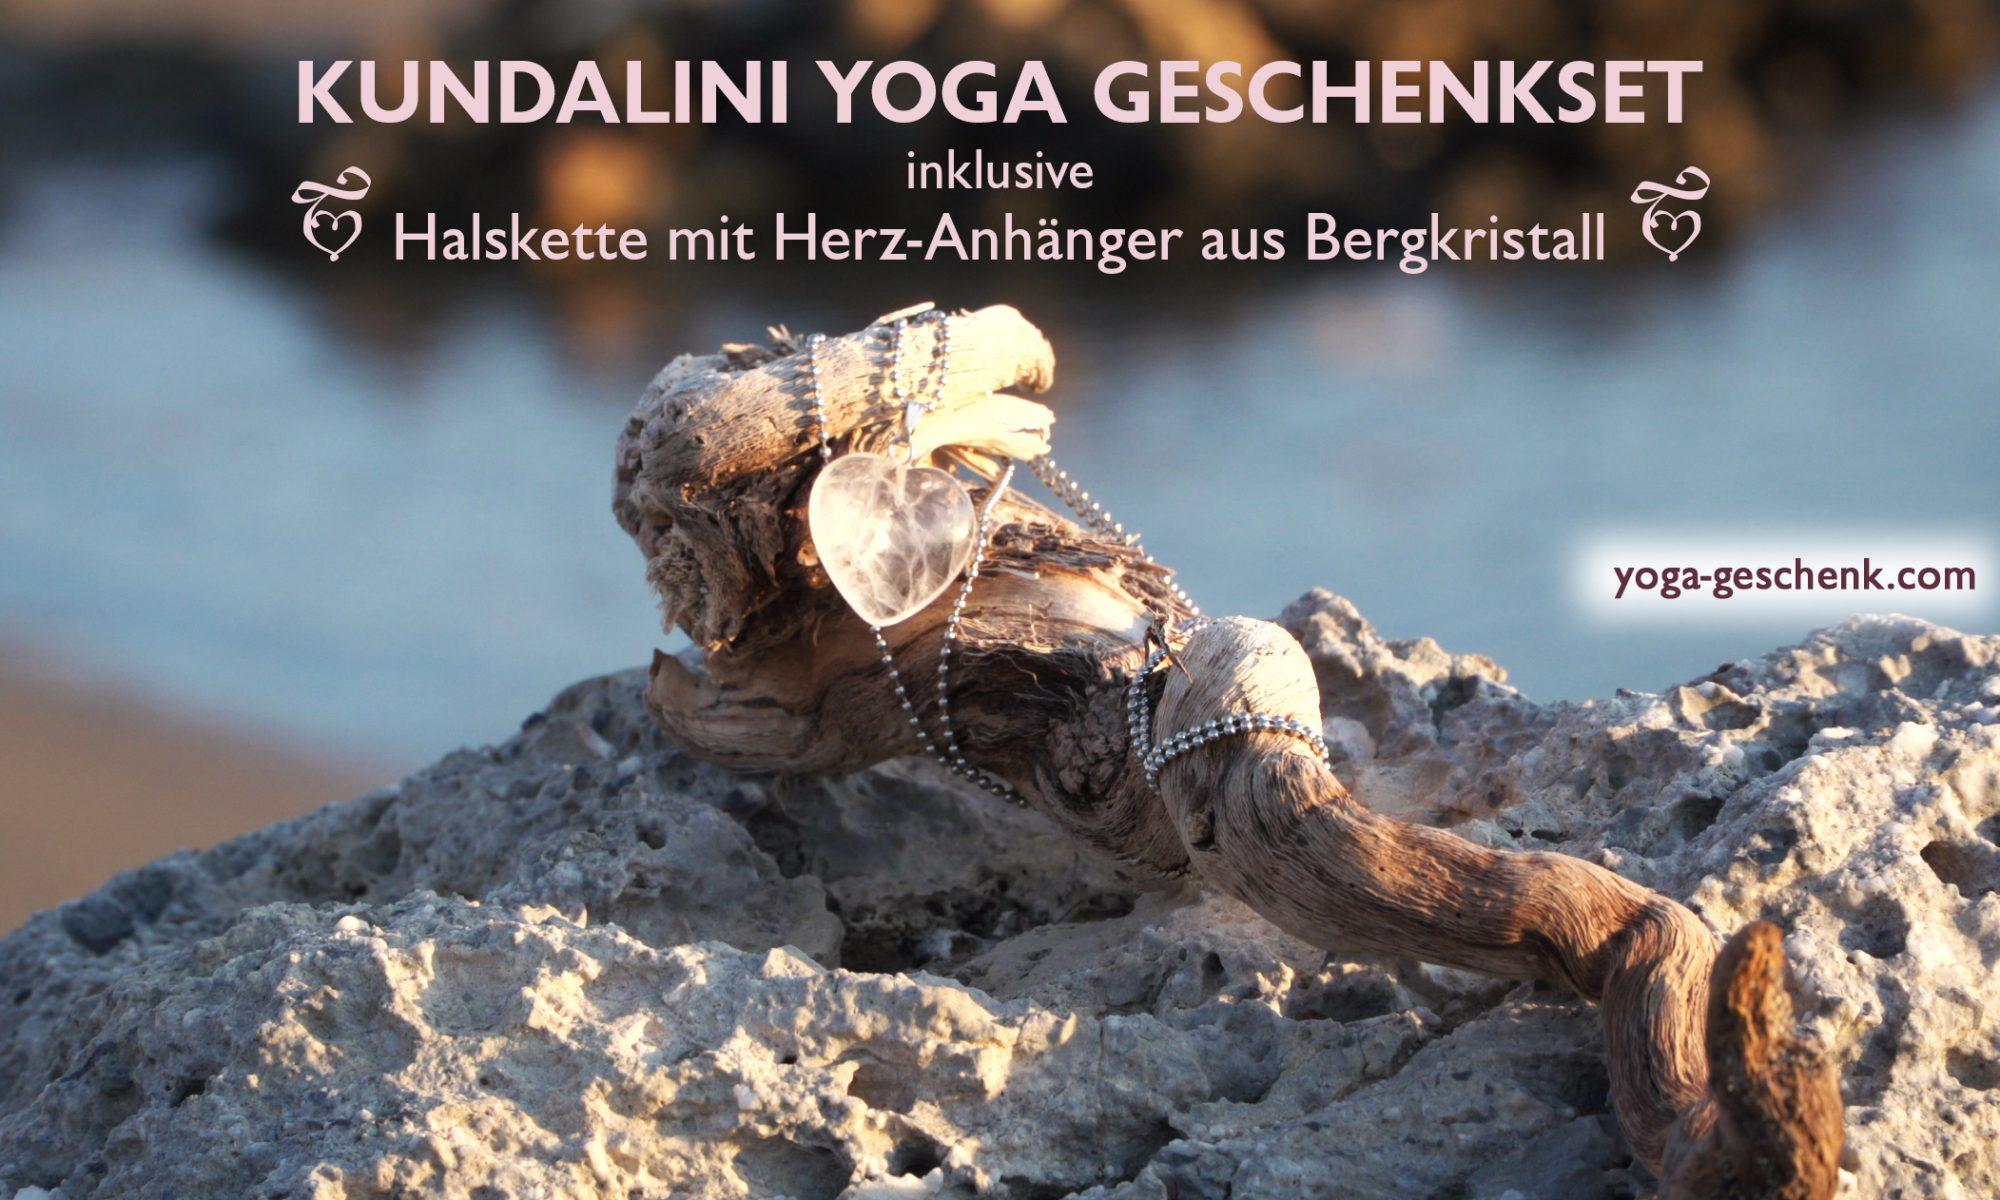 Yoga geschenk mit Bergkristall Schmuck